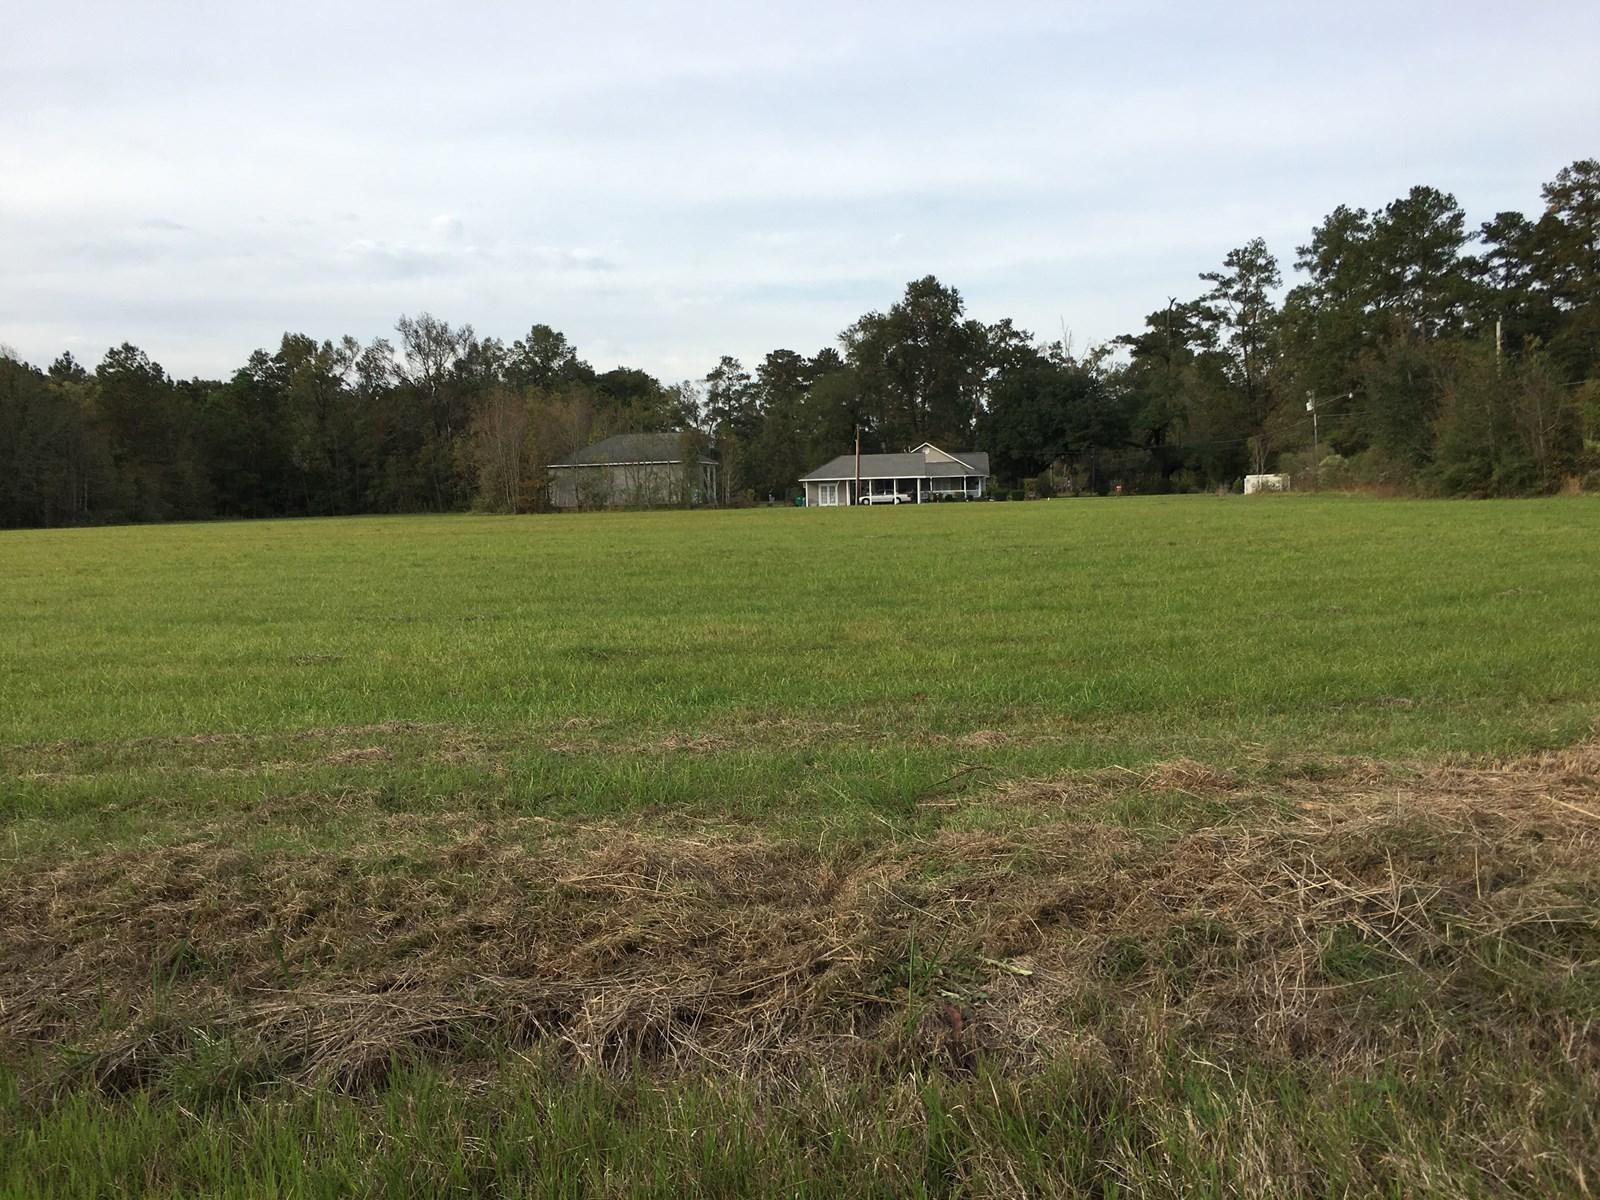 Estate Sized 1.69 Acre Rural Lot near Ponchatoula, LA